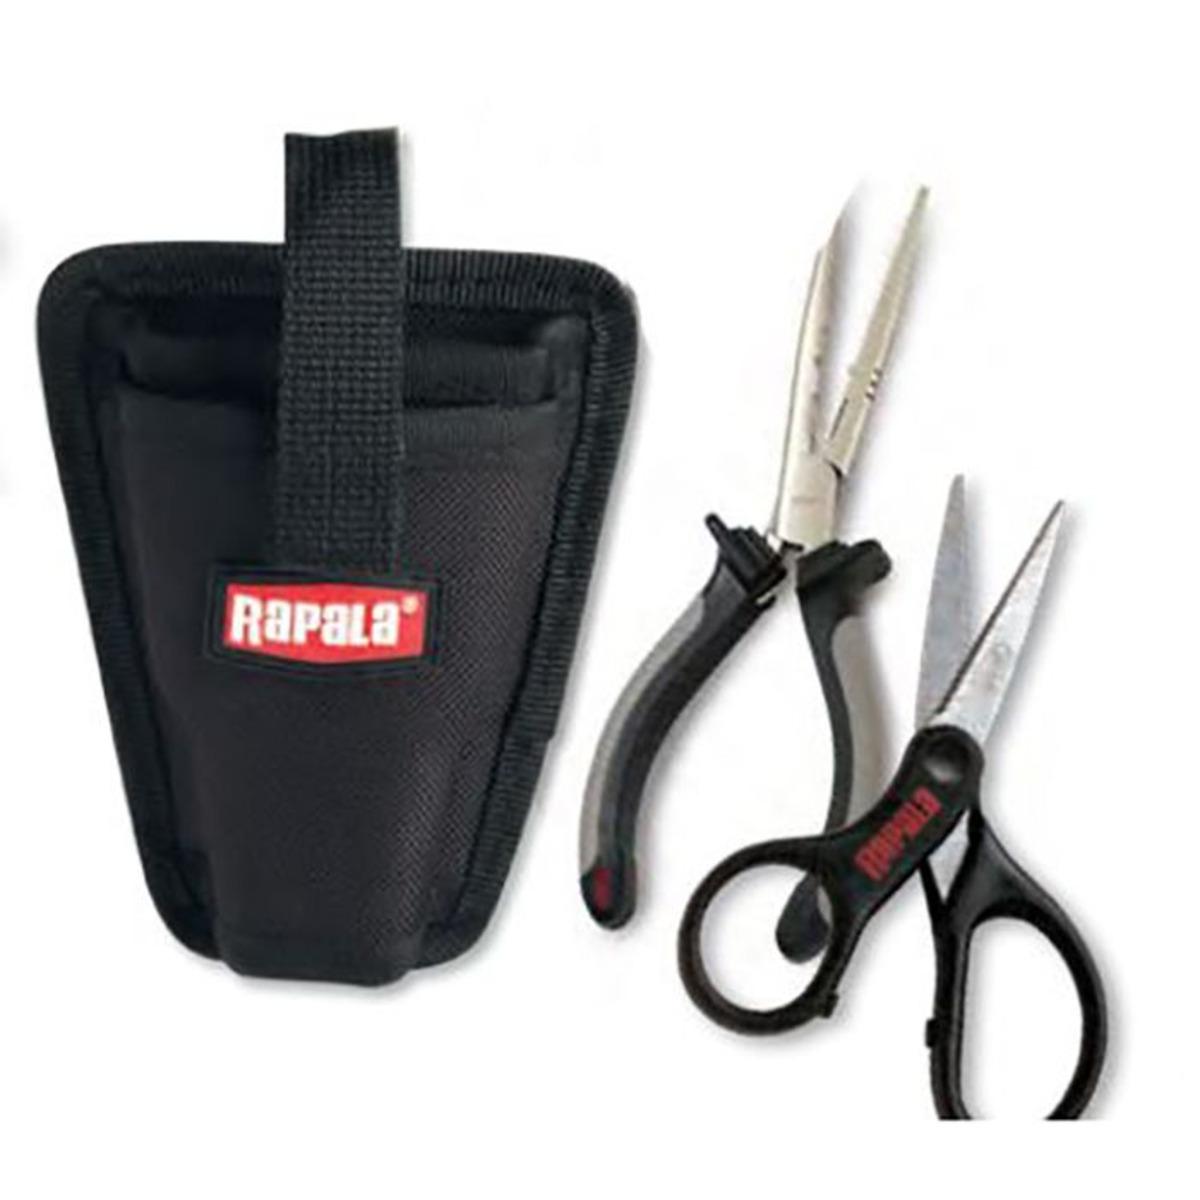 Rapala Pedestal Tool Holder Kit - Tool Holder Combo - Zange 16 cm